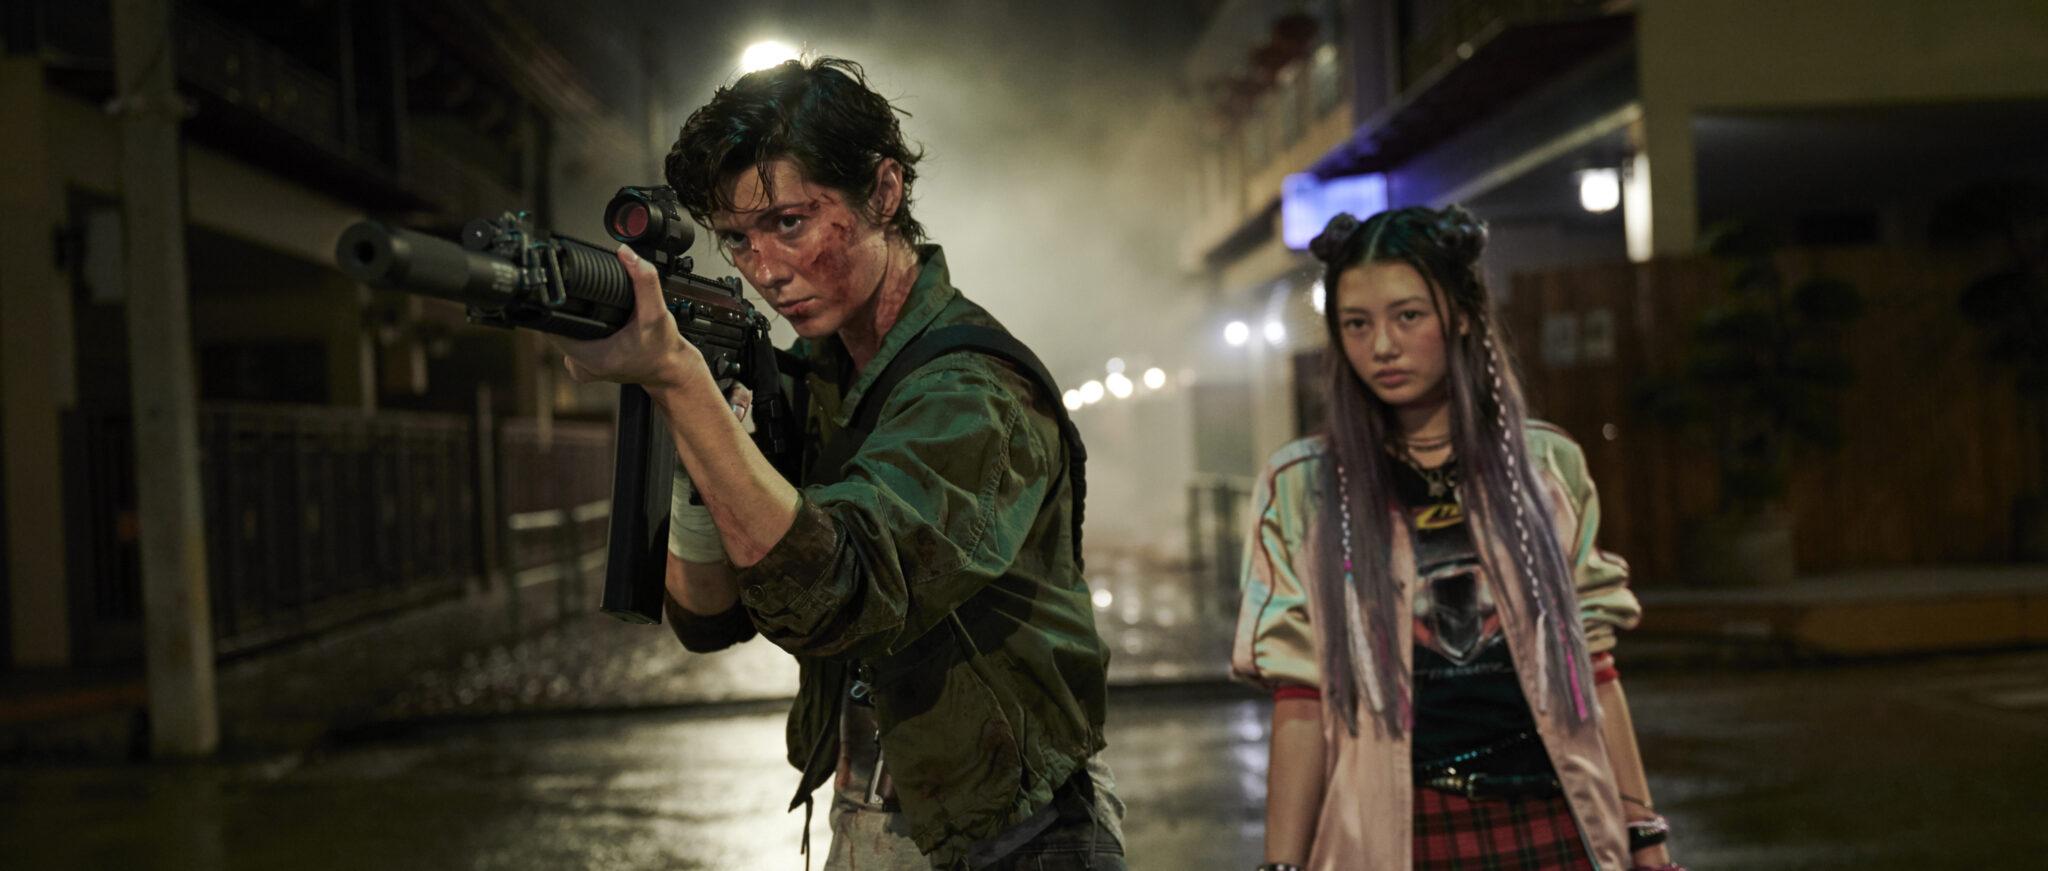 Mary Elizabeth Winstead als Titelfigur Kate mit grüner Jacke, blutverschmiertem Gesicht und Sturmgewehr im Anschlag. Rechts neben ihr steht in einer dunklen Gasse Miku Martineau mit buntem Outfit.